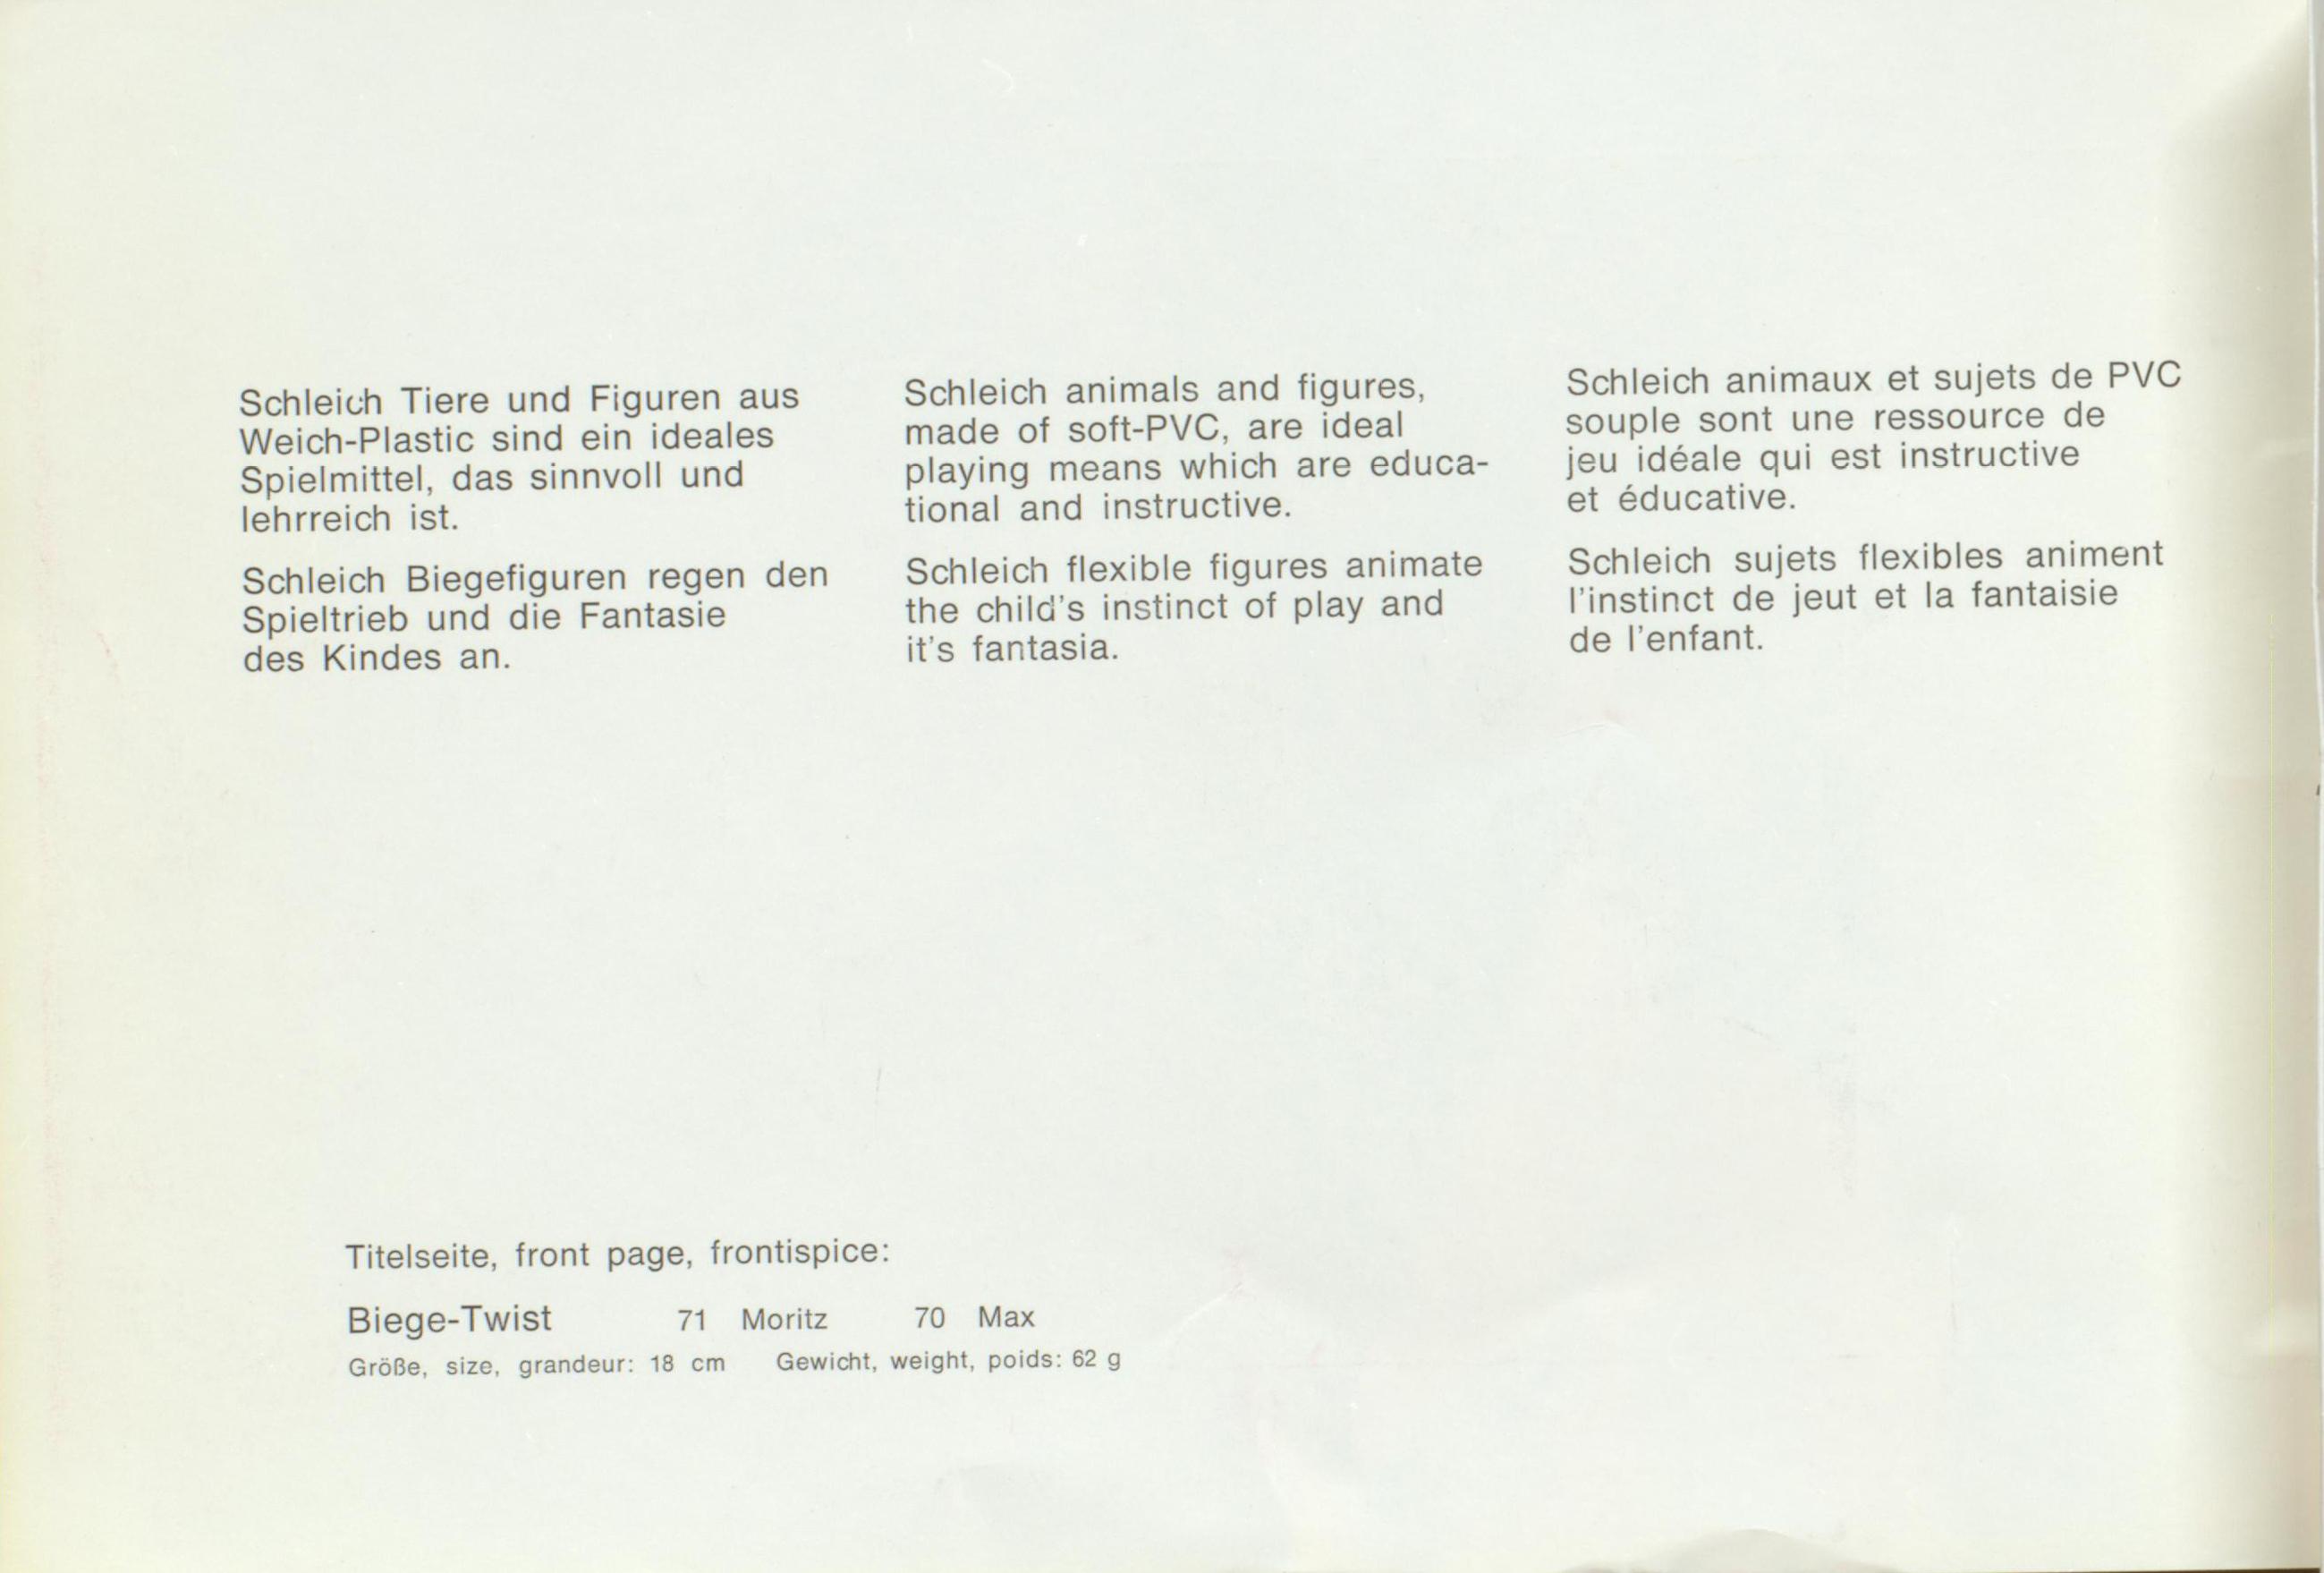 Schleich1973